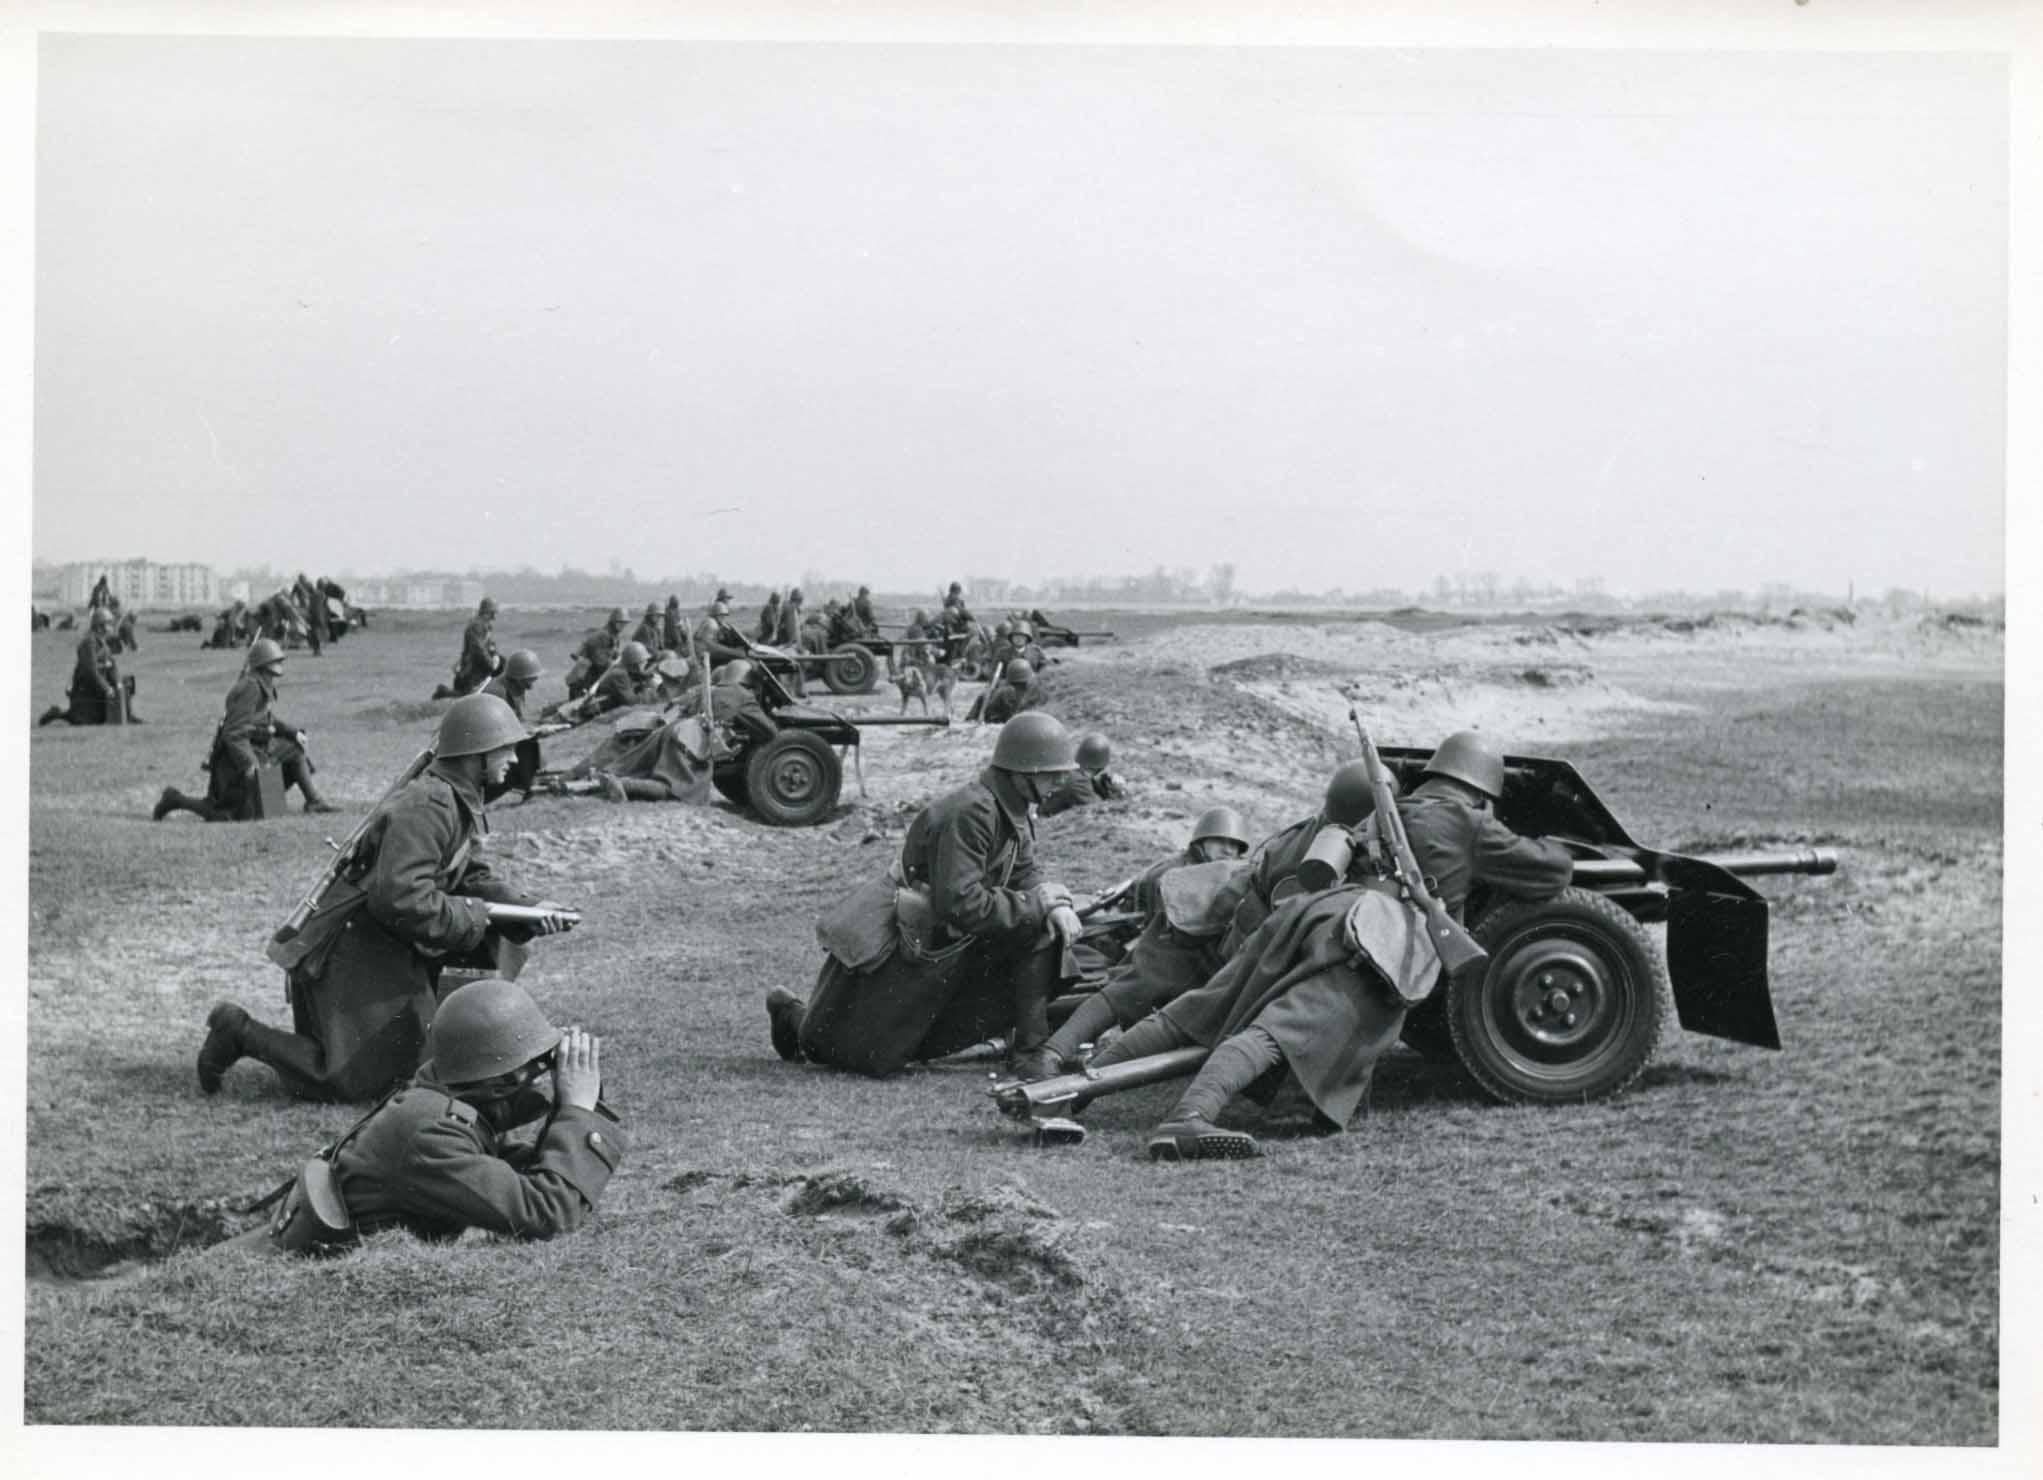 Armata przeciwpancerna wz. 36 kal. 37 mm